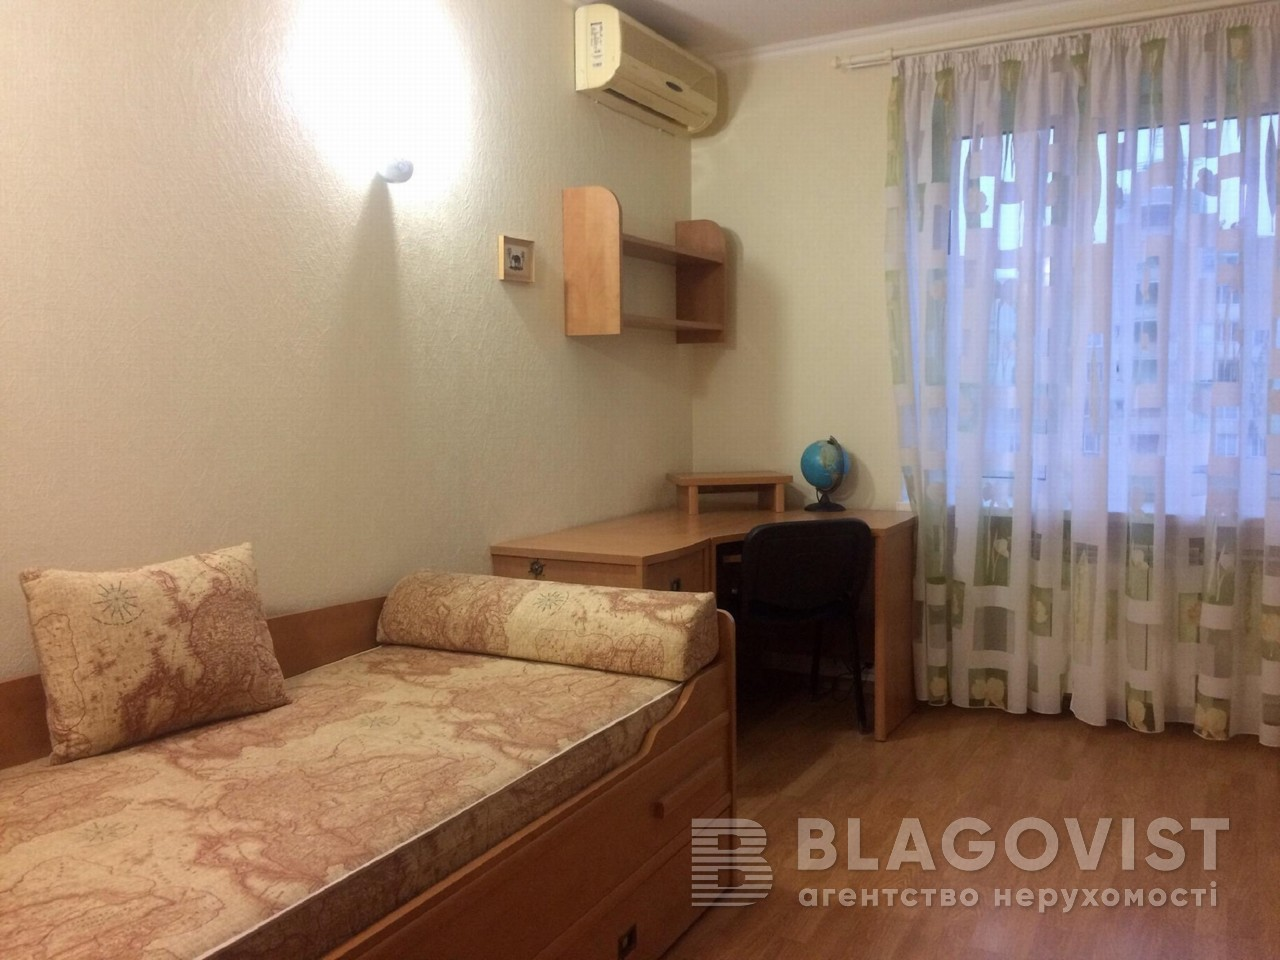 Квартира M-36130, Никольско-Слободская, 6б, Киев - Фото 7